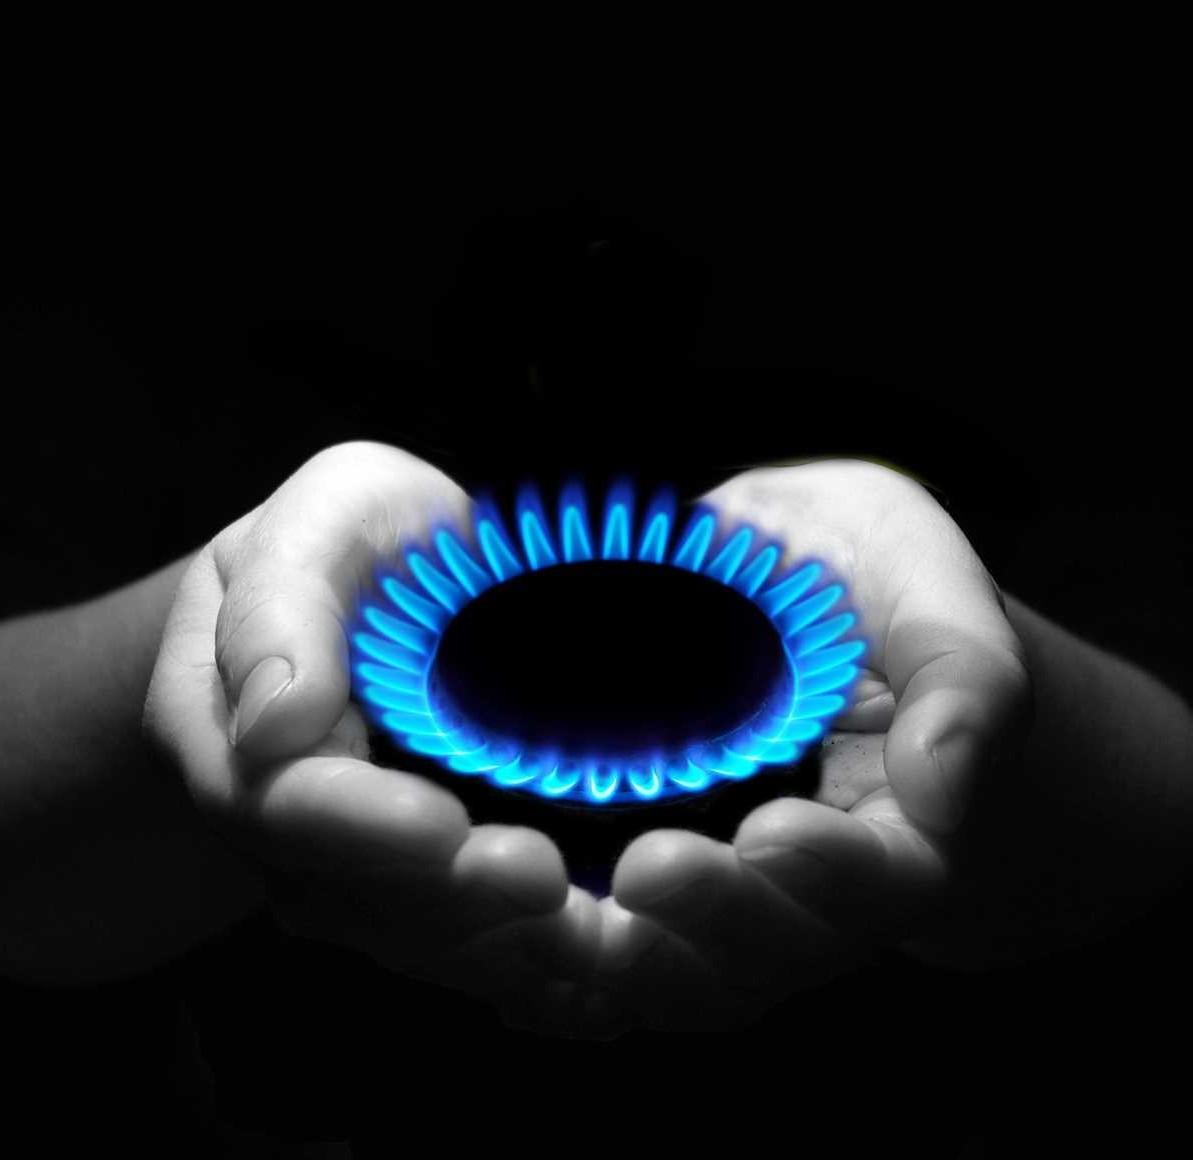 Migliori offerte gas Ottobre 2019. Confr